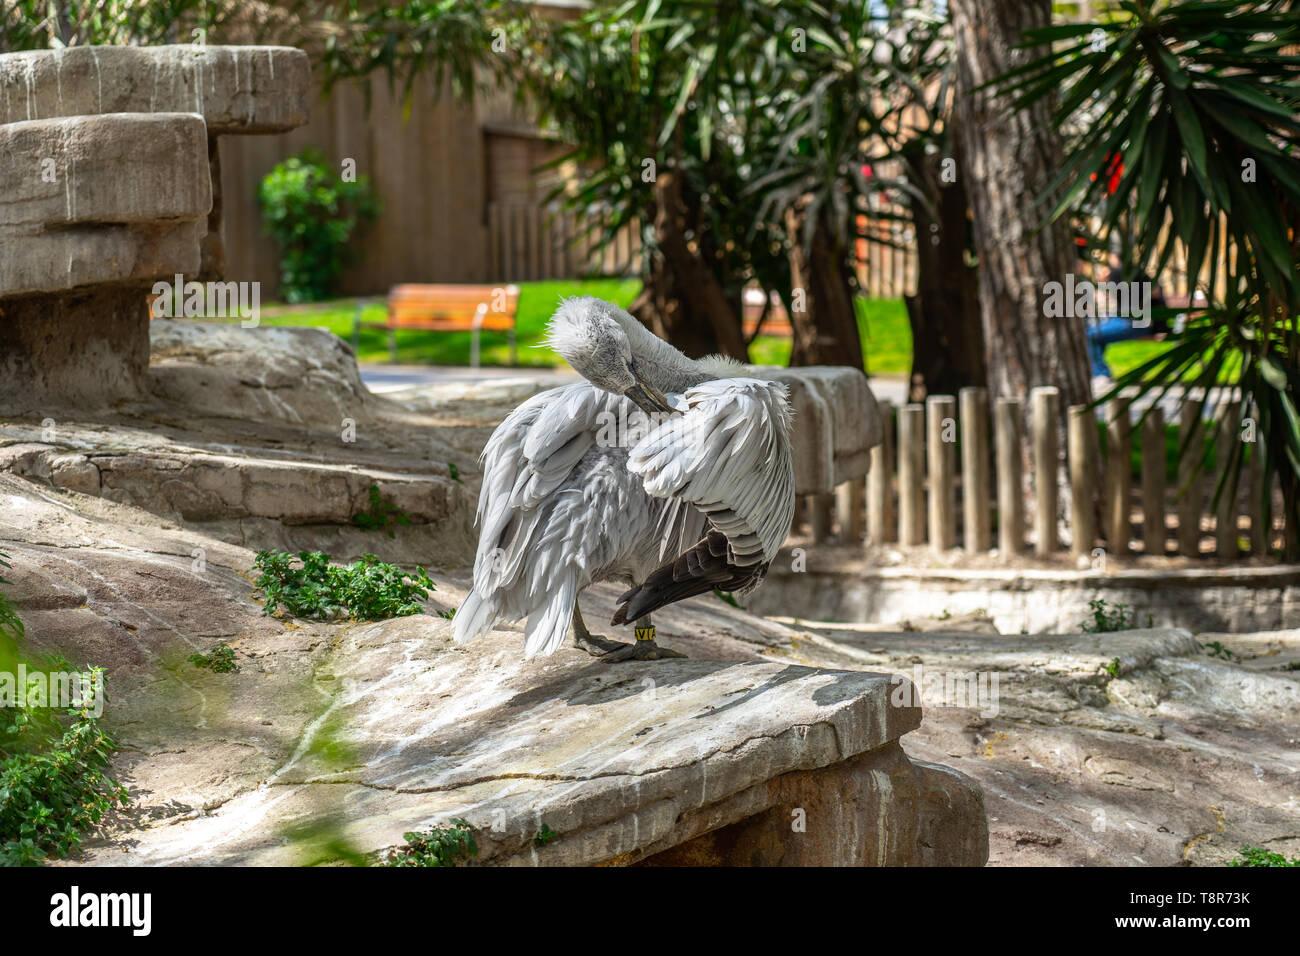 Dalmatian pelican (Pelecanus crispus) in Barcelona zoo. - Stock Image